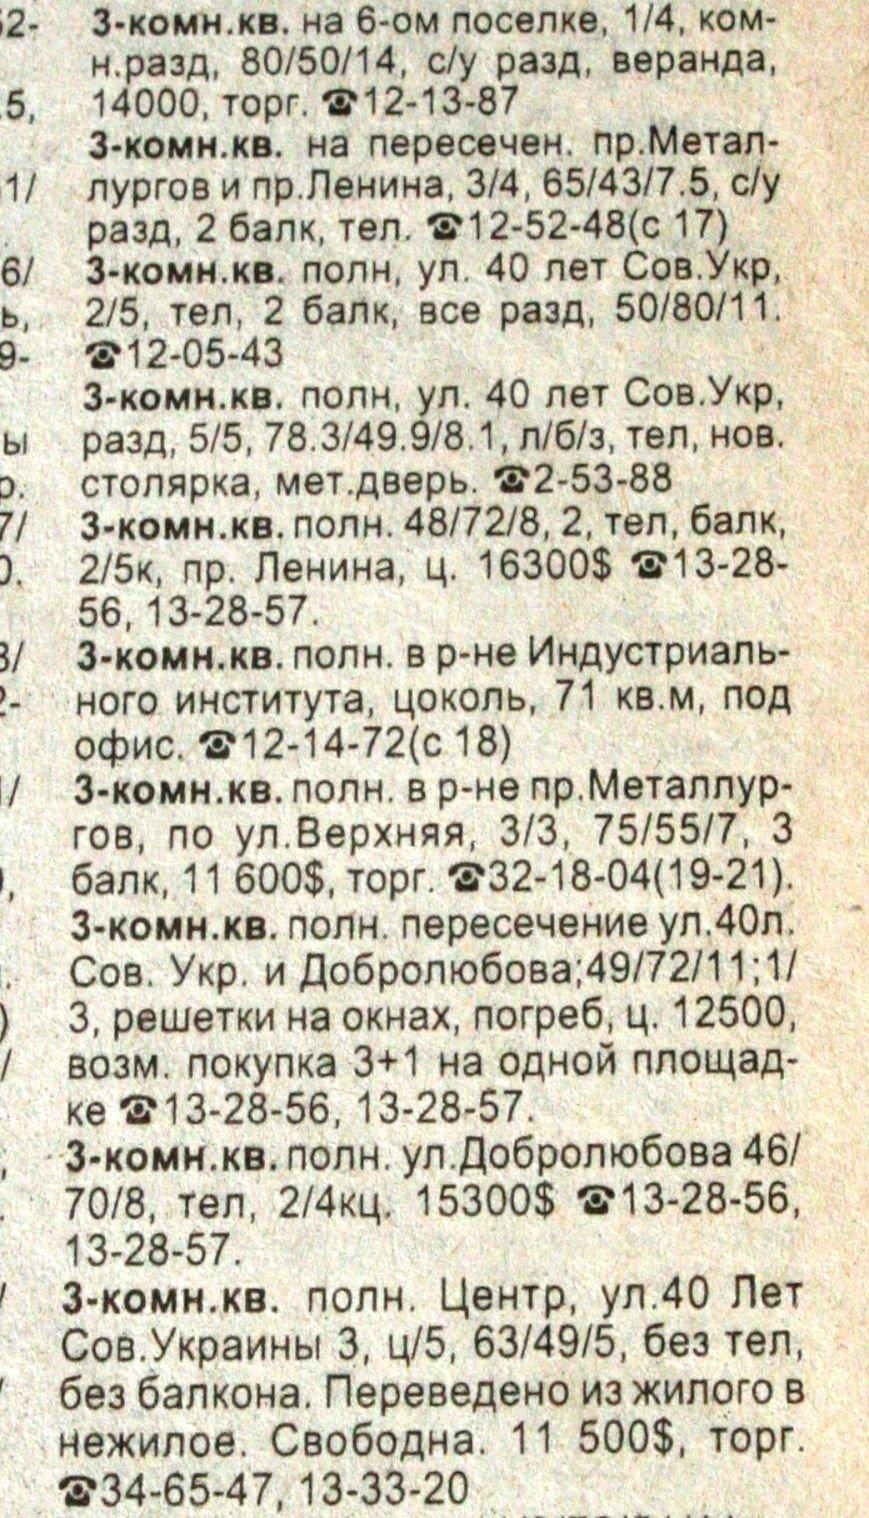 Пресса прошлых лет: в Запорожье бьют журналистов, чествуют Шухевича и возмущаются продаже билетов по паспортам, фото-1